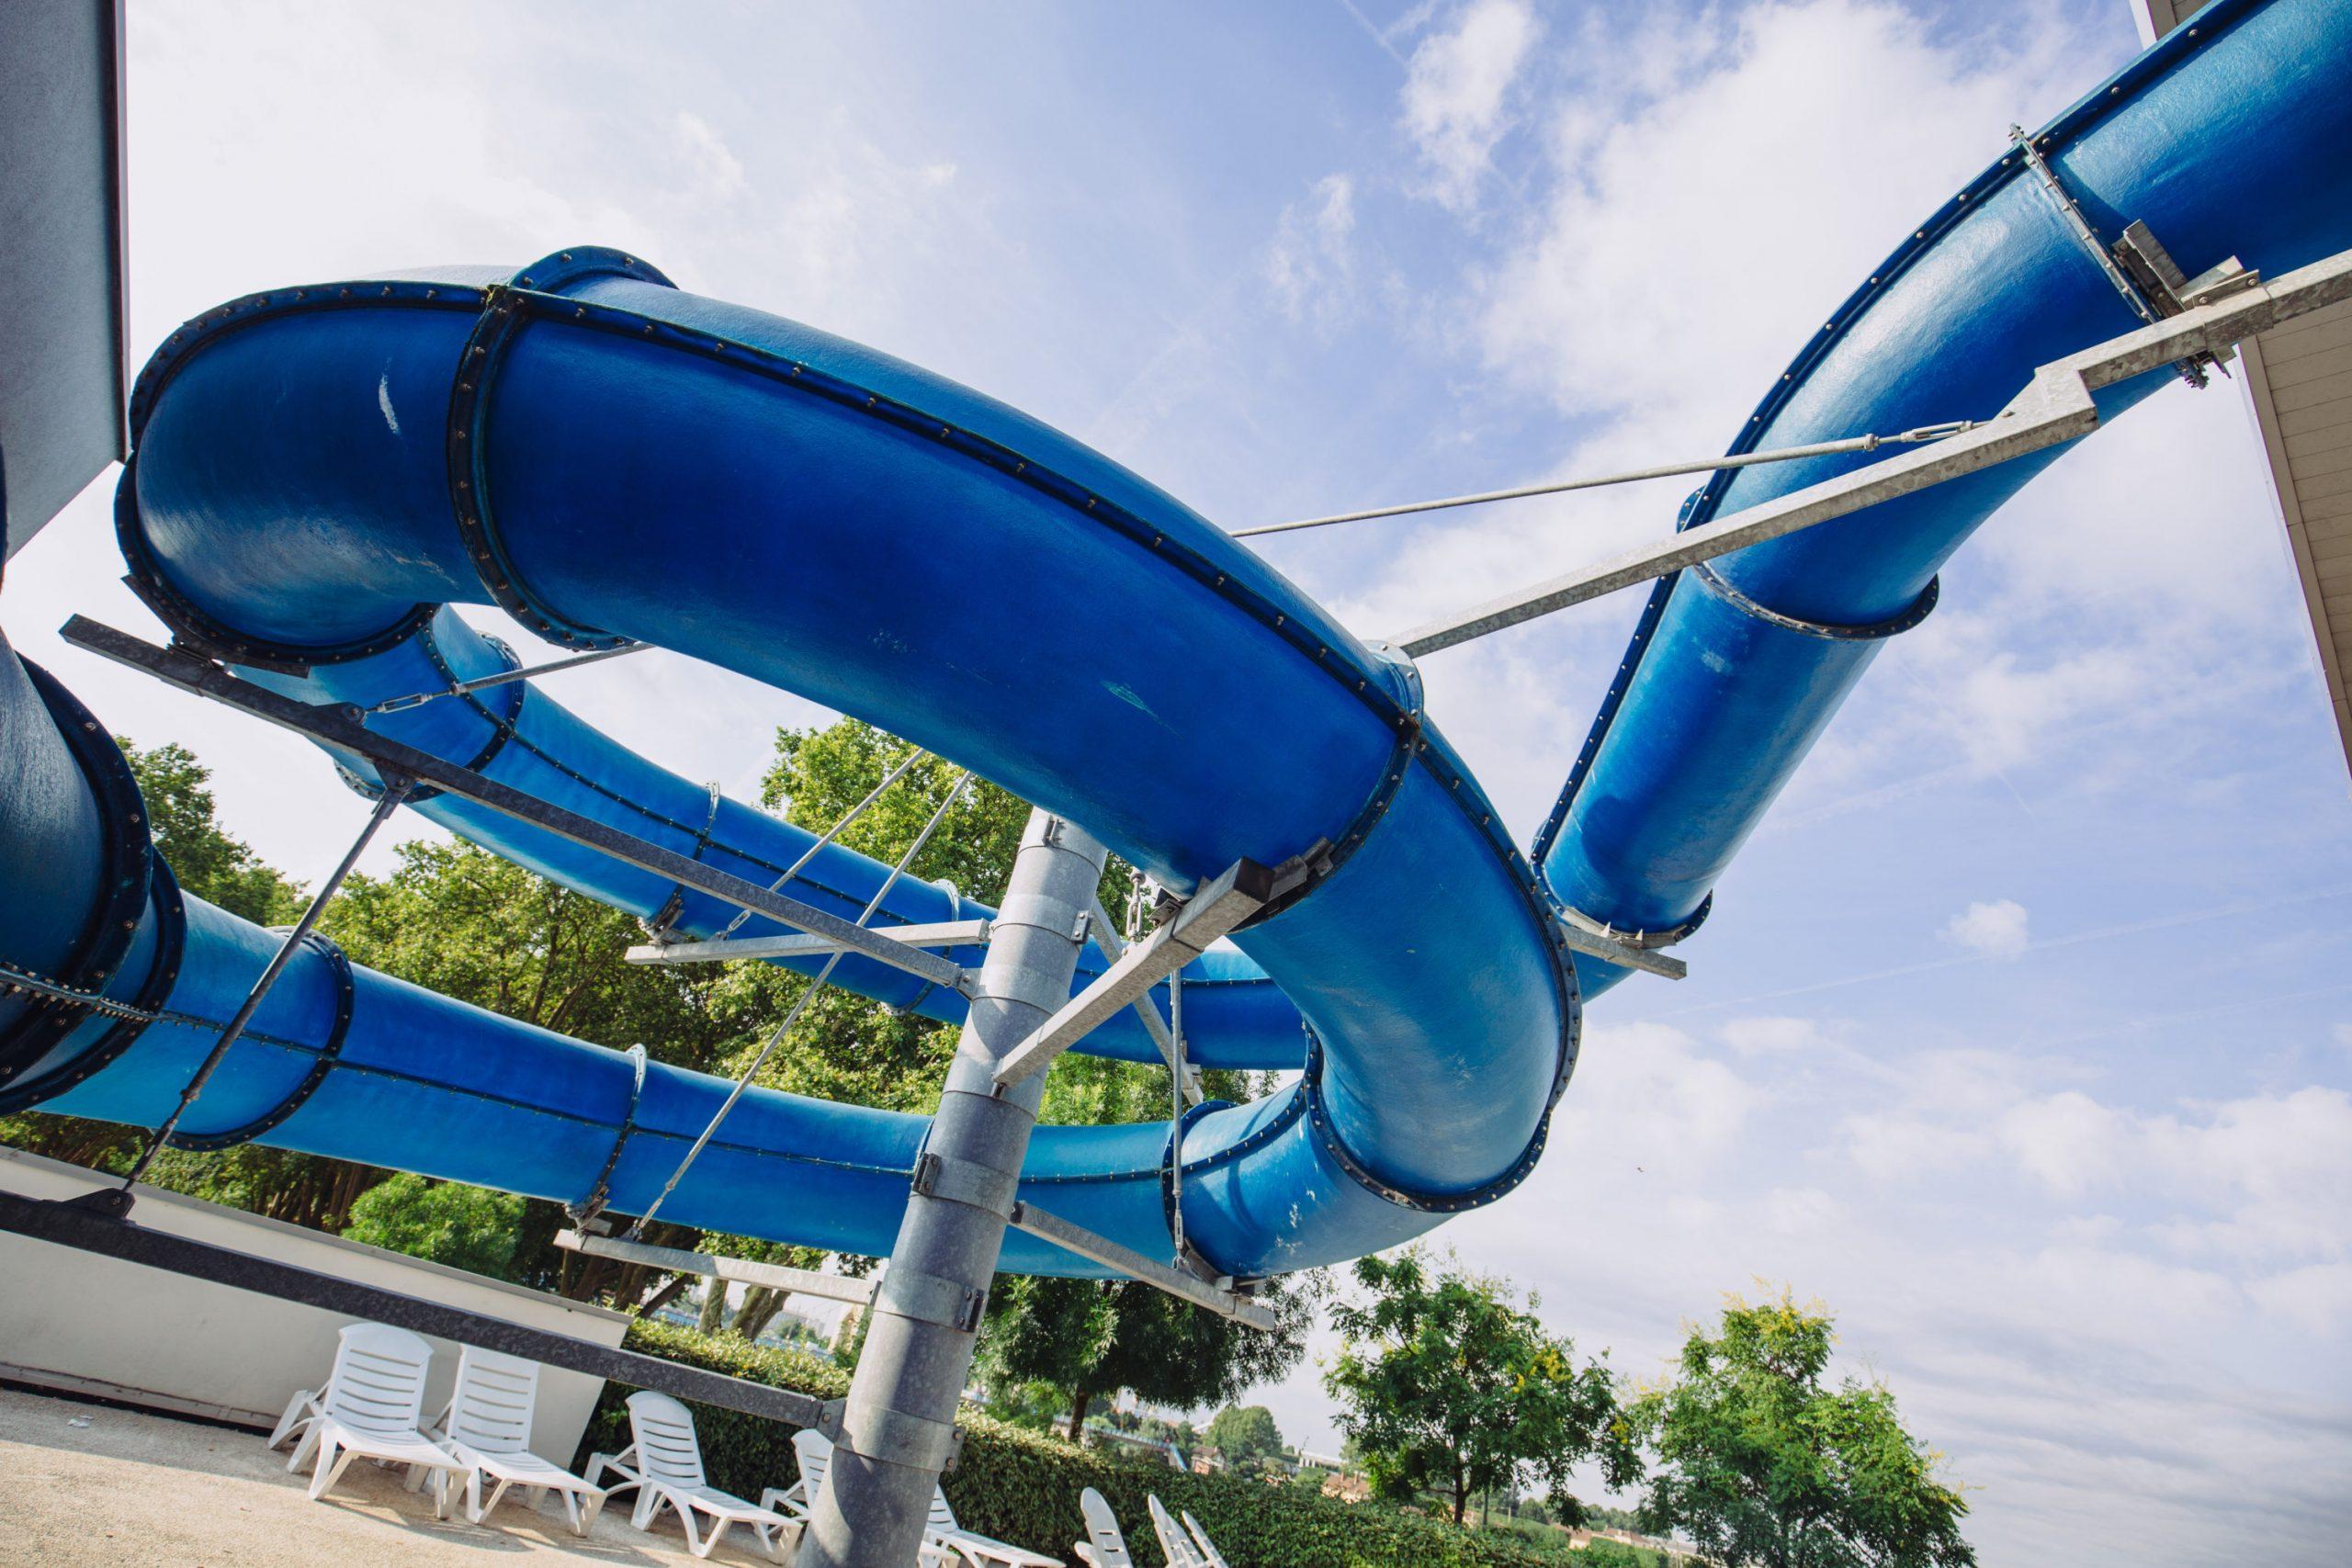 Réouverture 29 Juin – Centre Aquatique D'alfortville ... encequiconcerne Piscine Alfortville